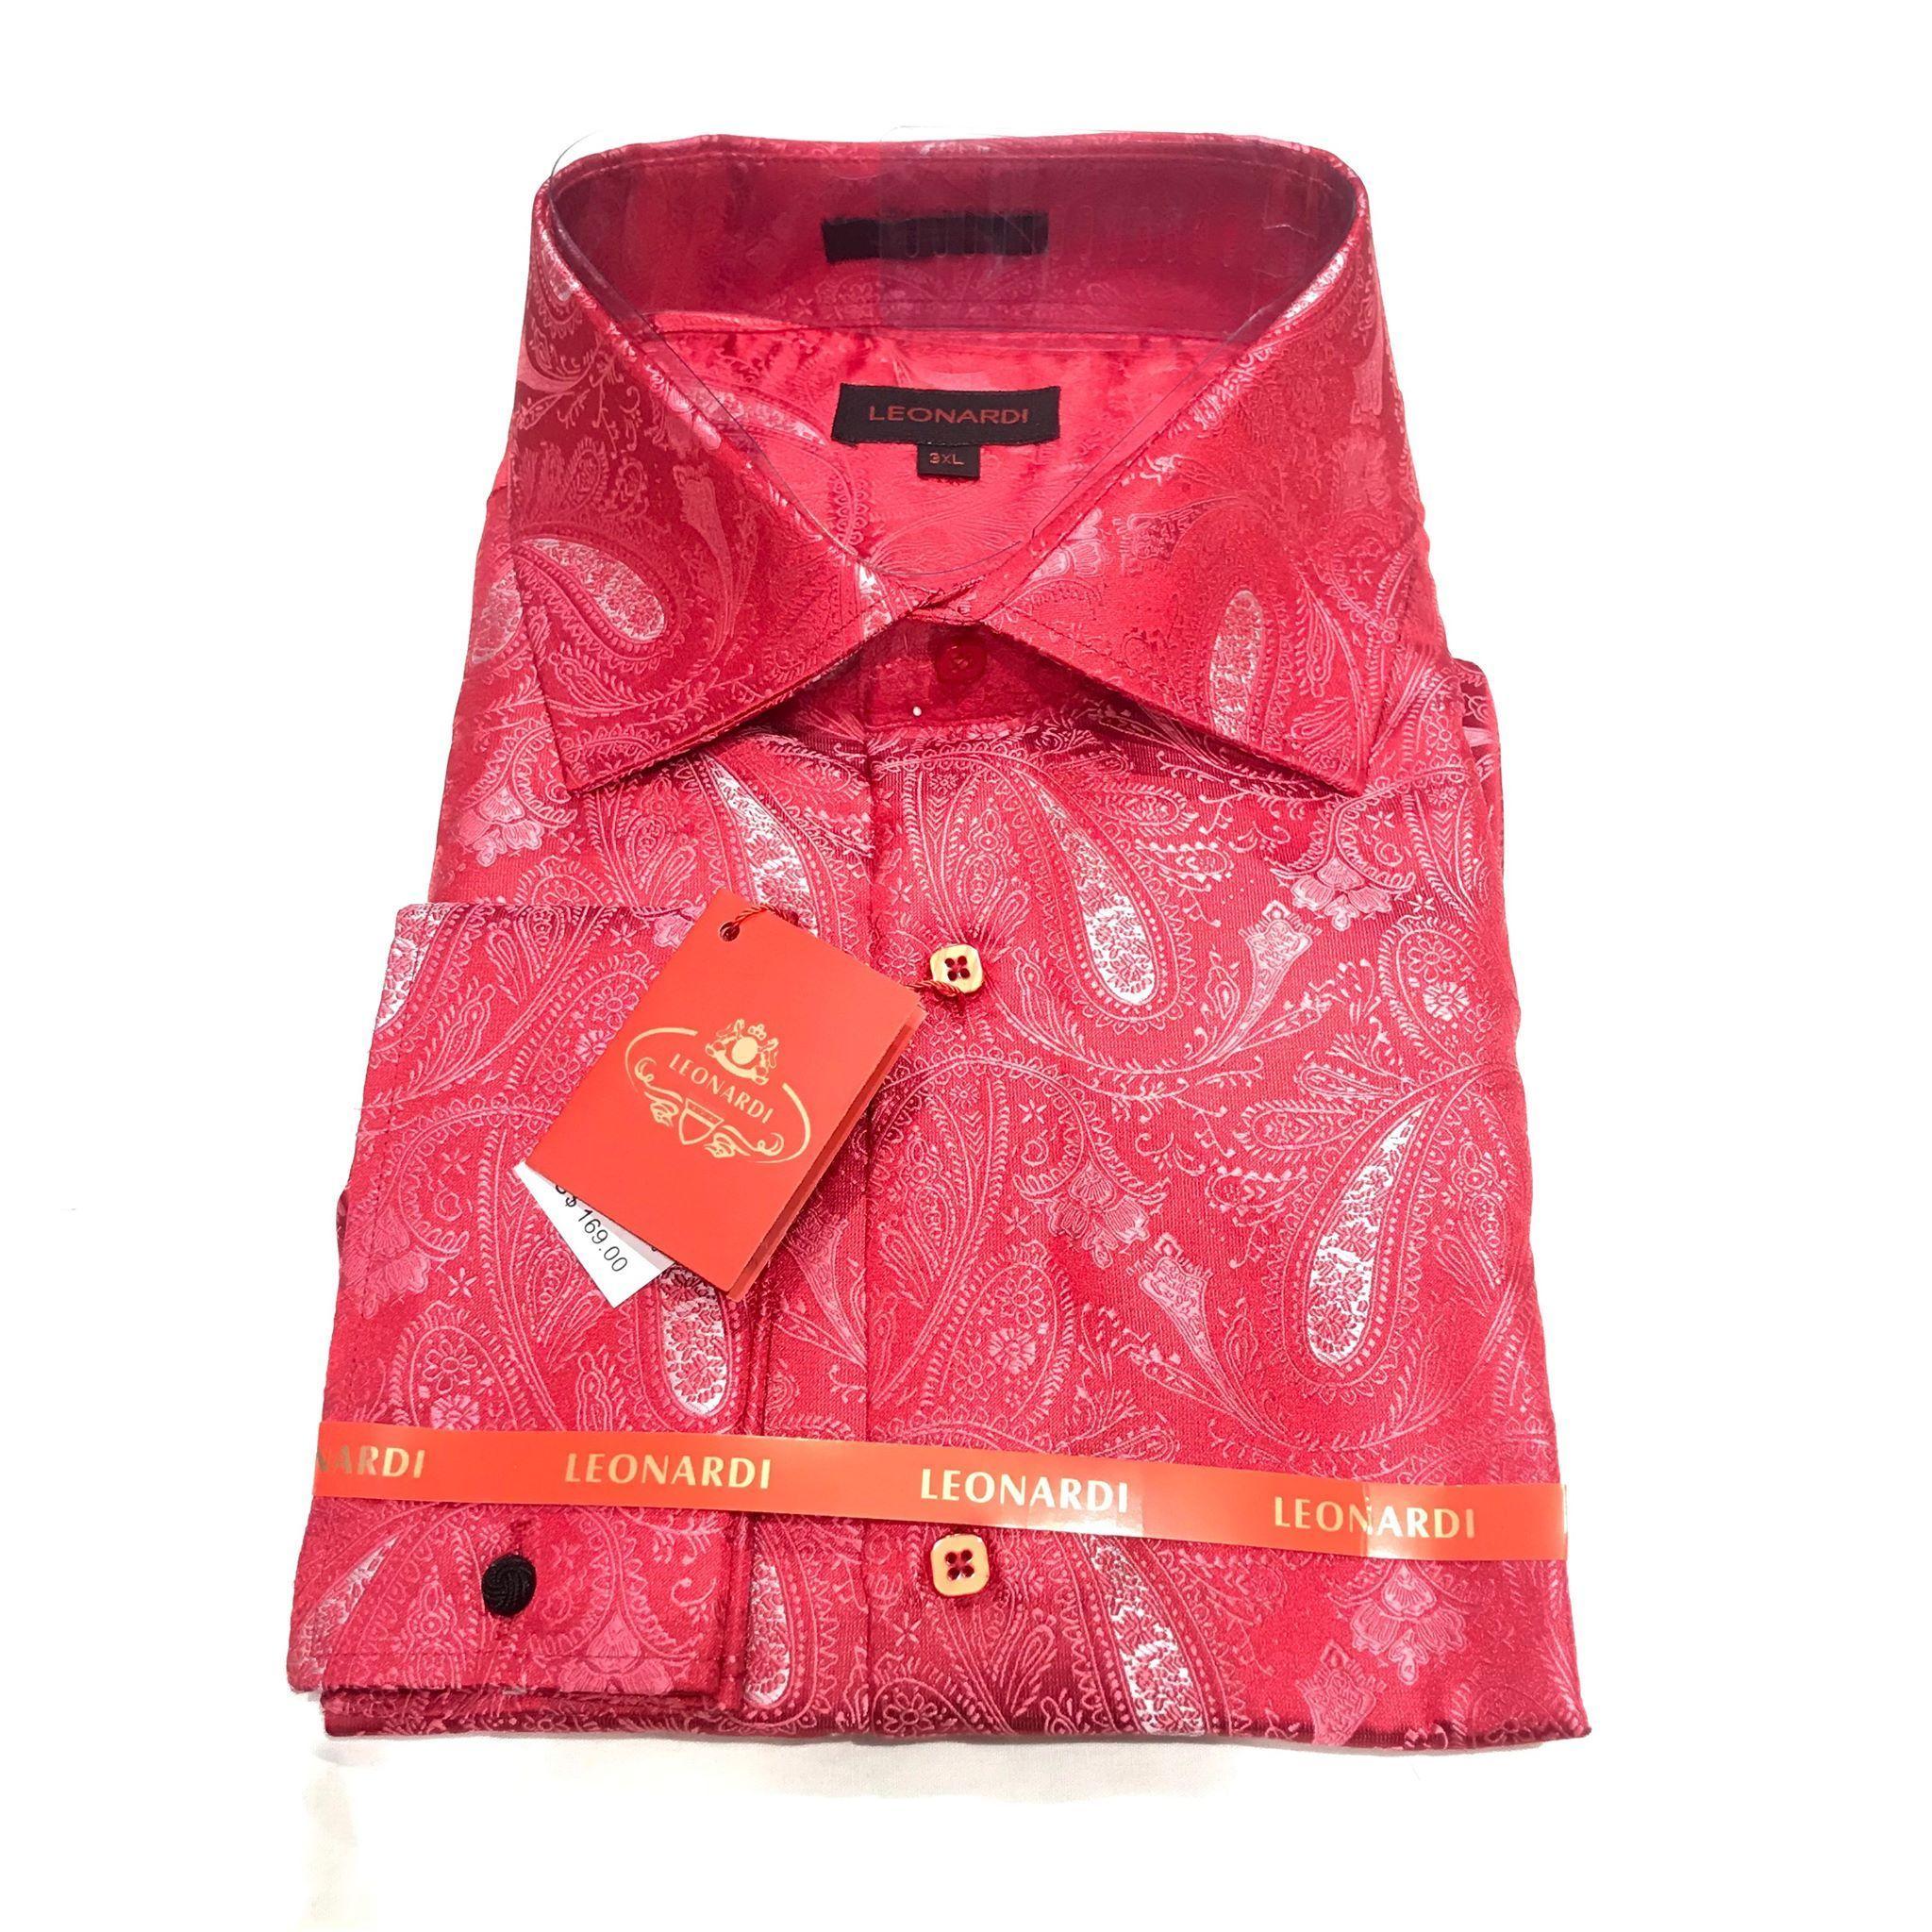 Mens Leonardi Dress Shirt Pink Paisley Pattern French Cuff Button Front